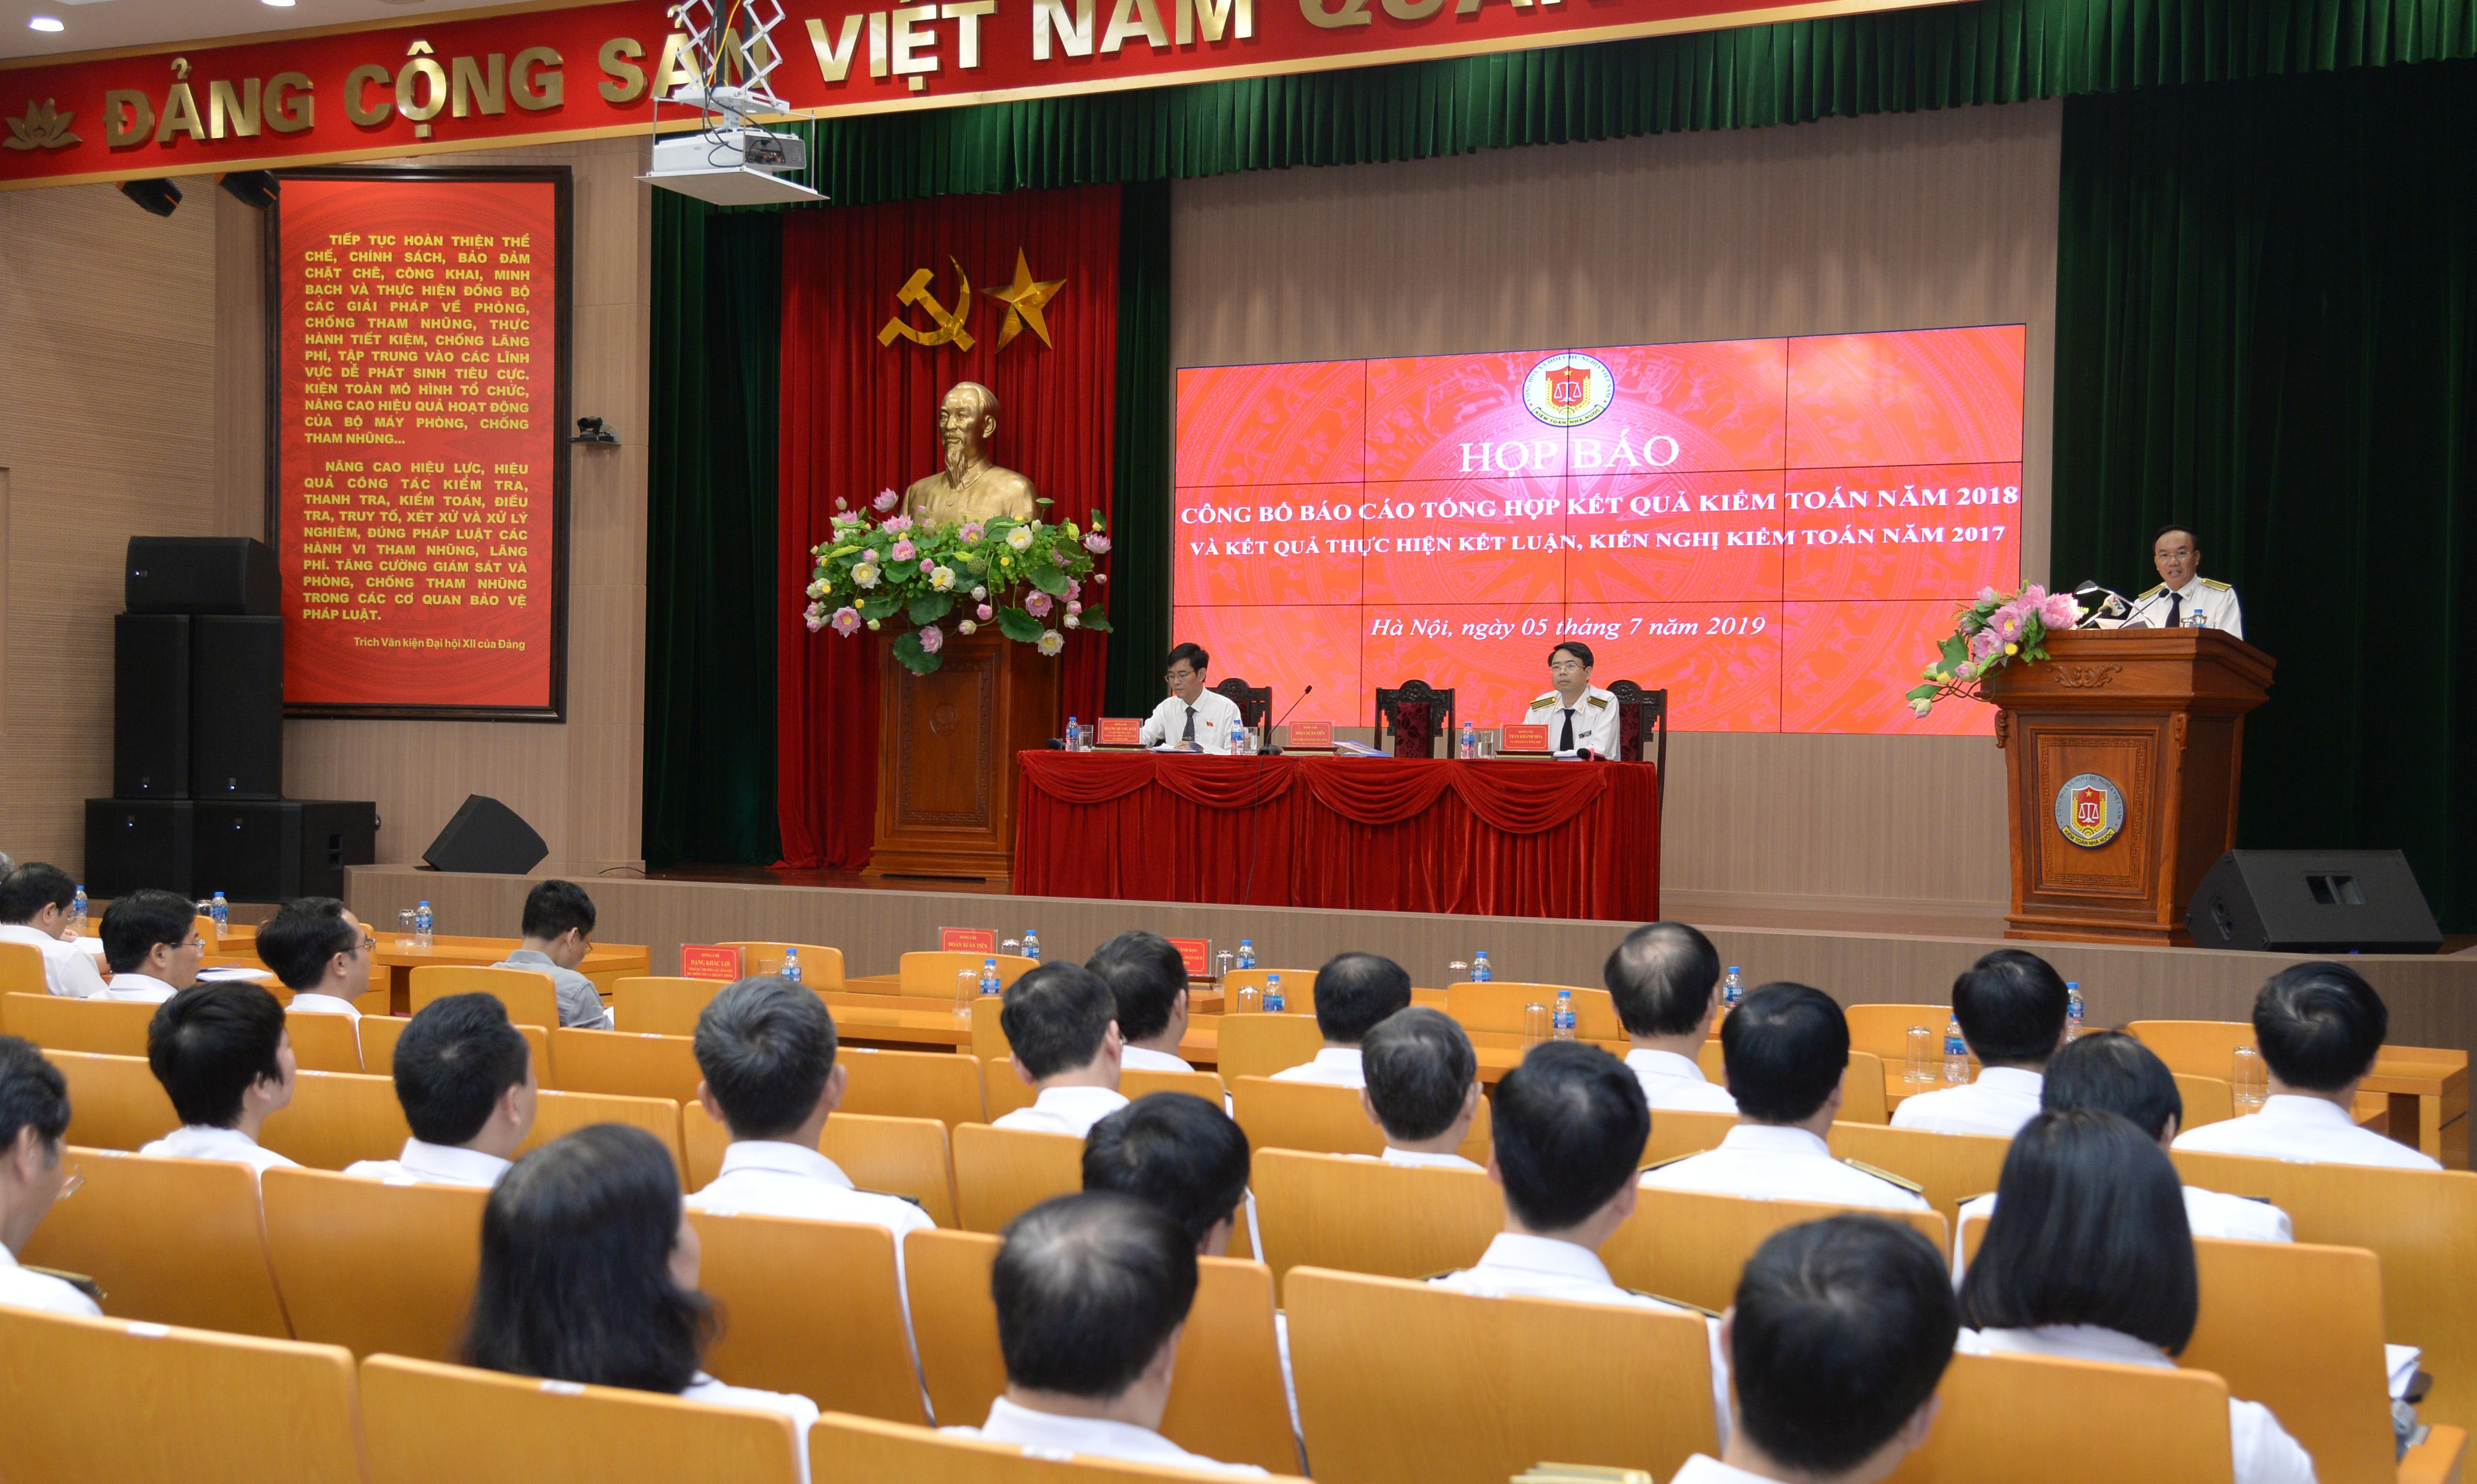 Một số hình ảnh buổi họp báo công bố kết quả kiểm toán năm 2018